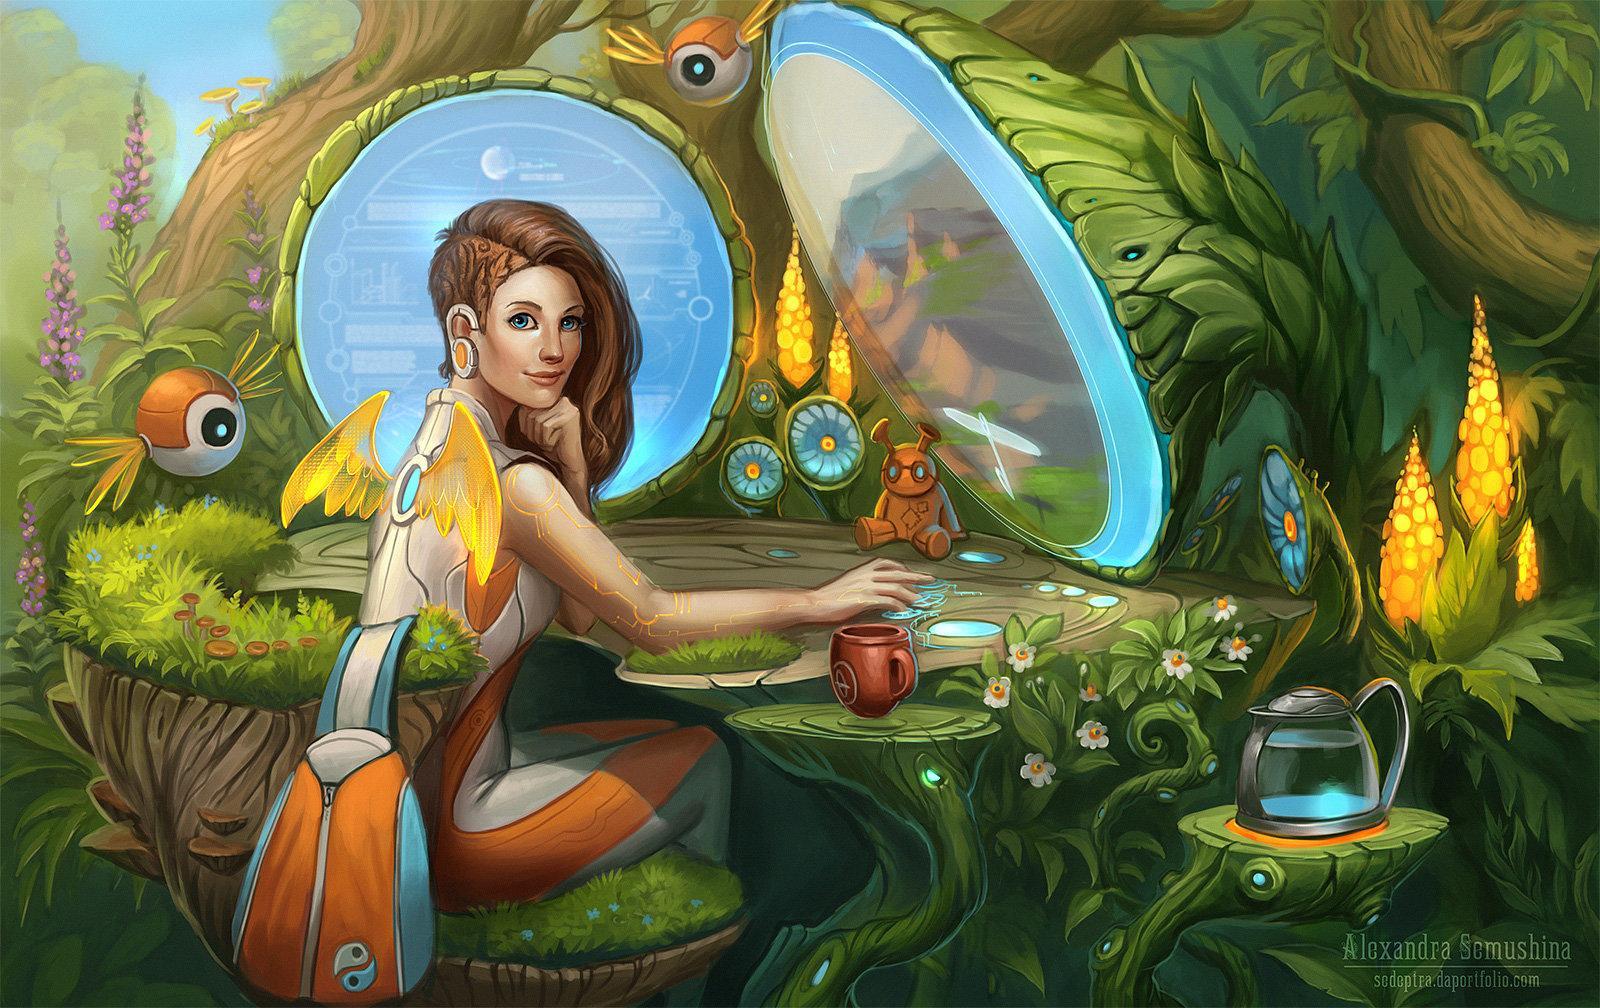 alexandra-semushina-hopepunk